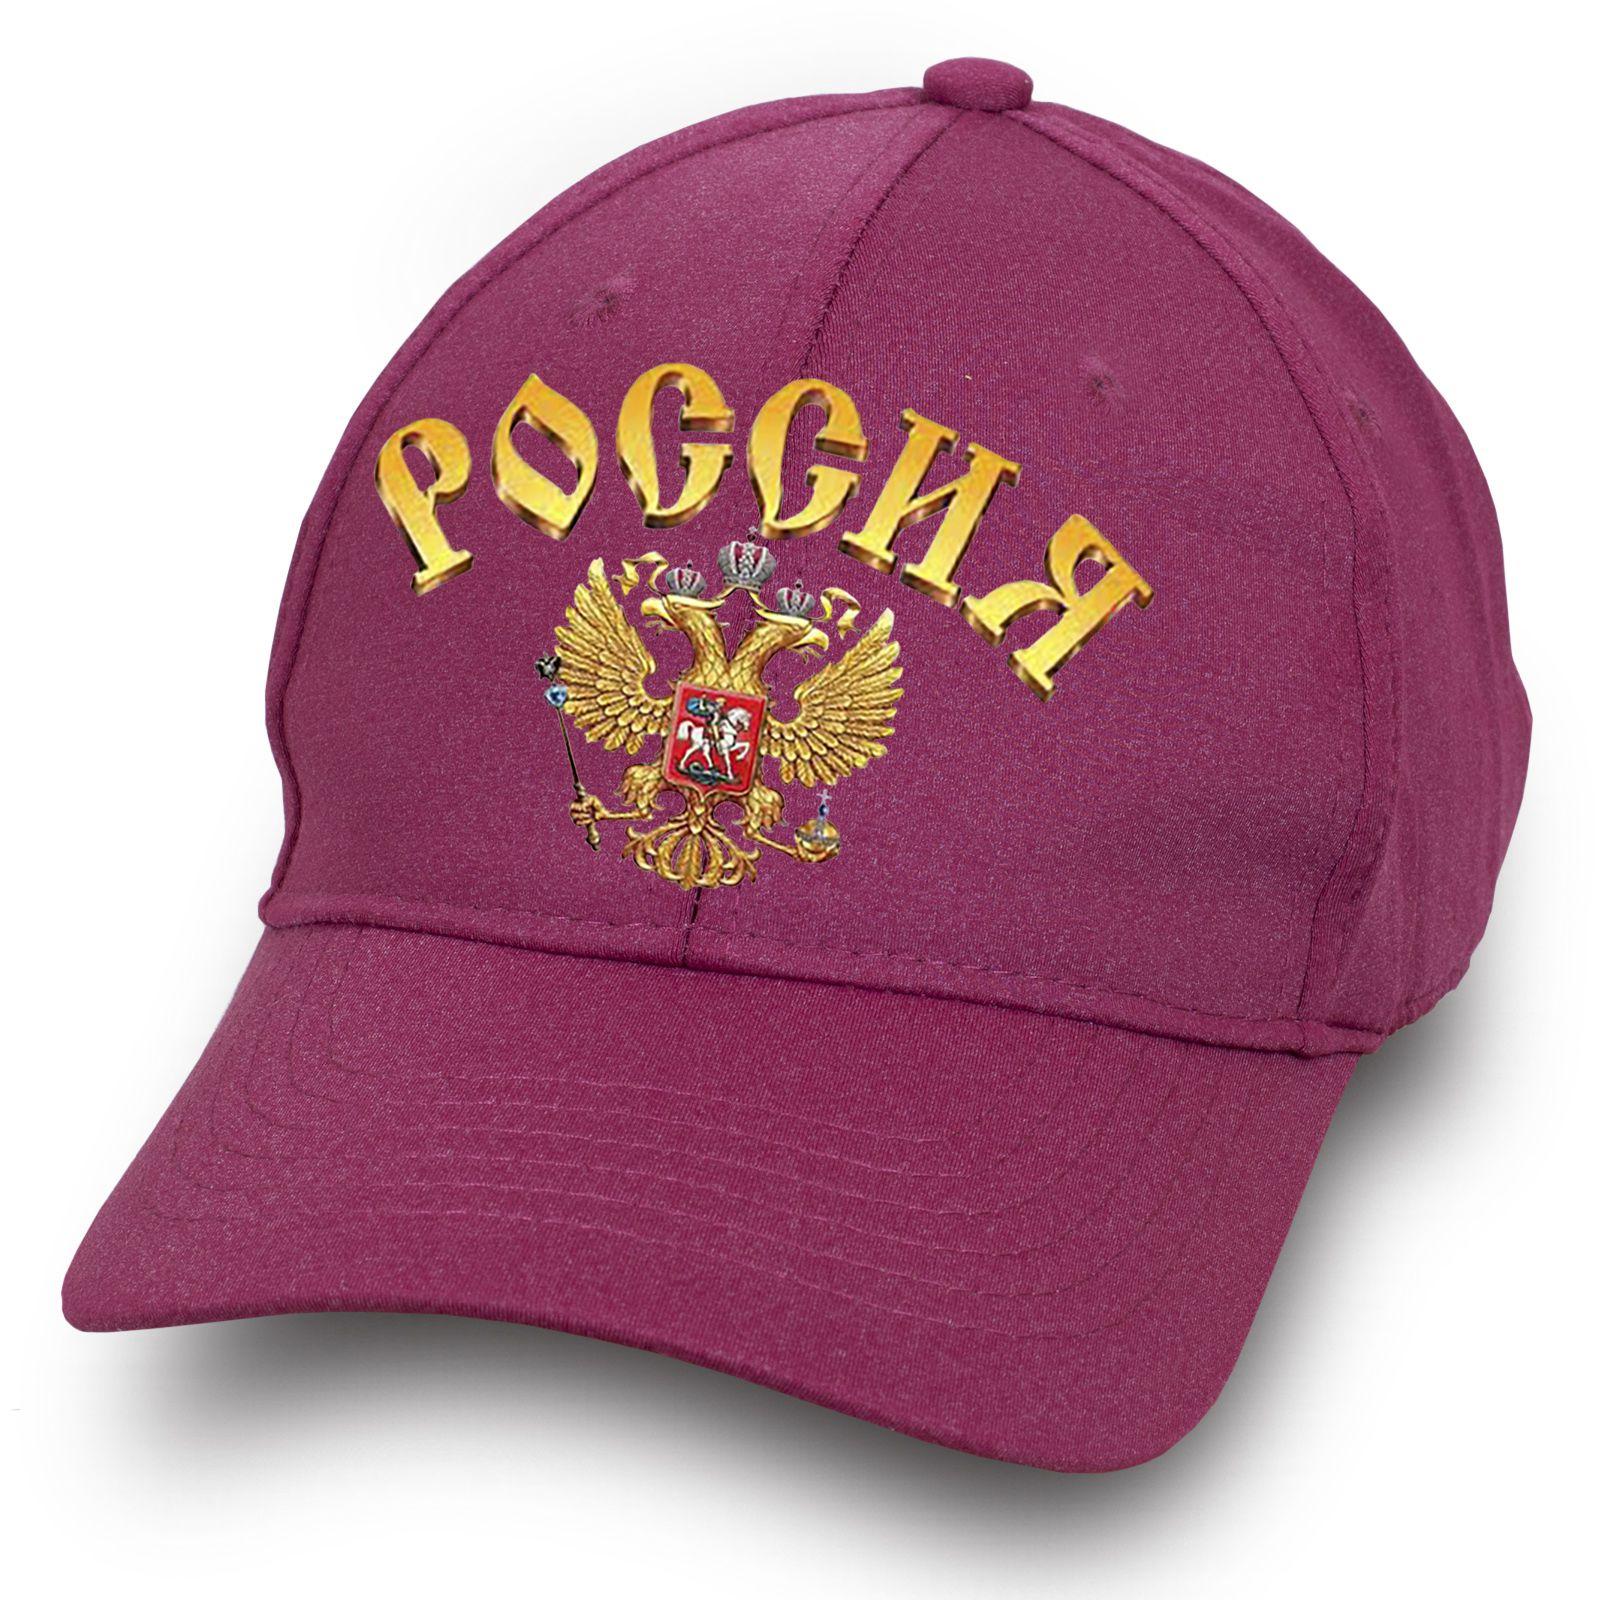 Бейсболка патриота России - купить по выгодной цене